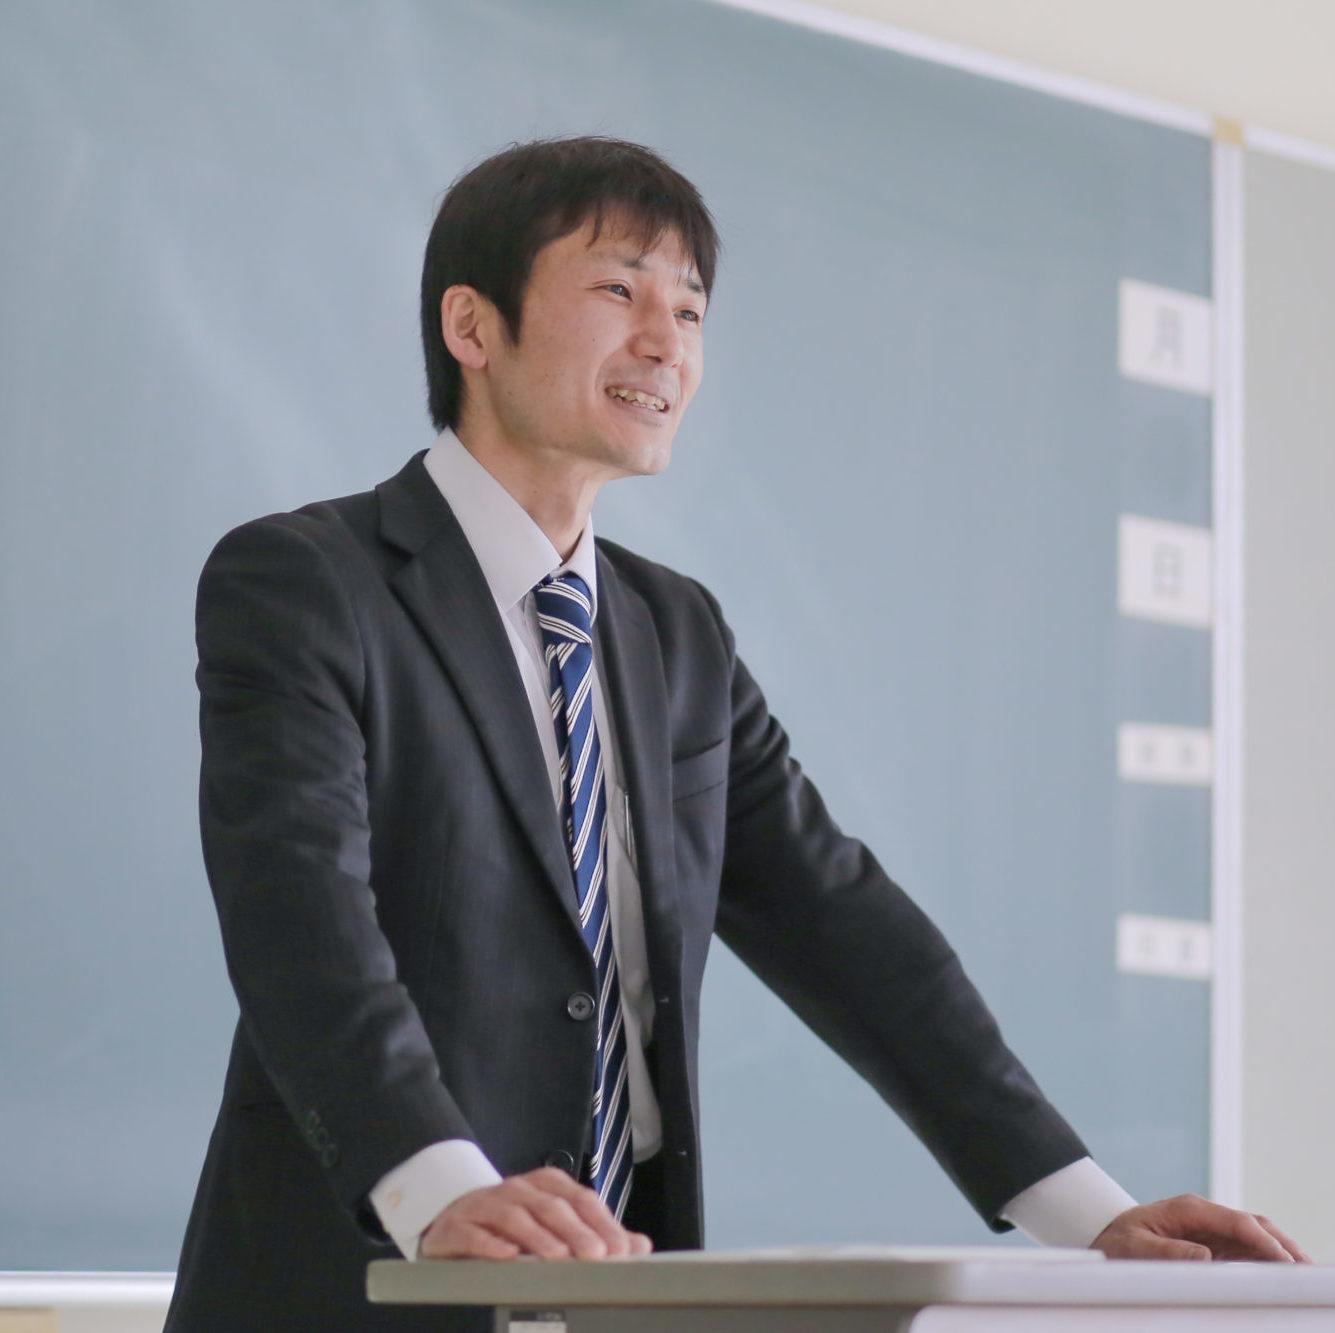 教員メッセージ 松岡 伸吾メイン画像